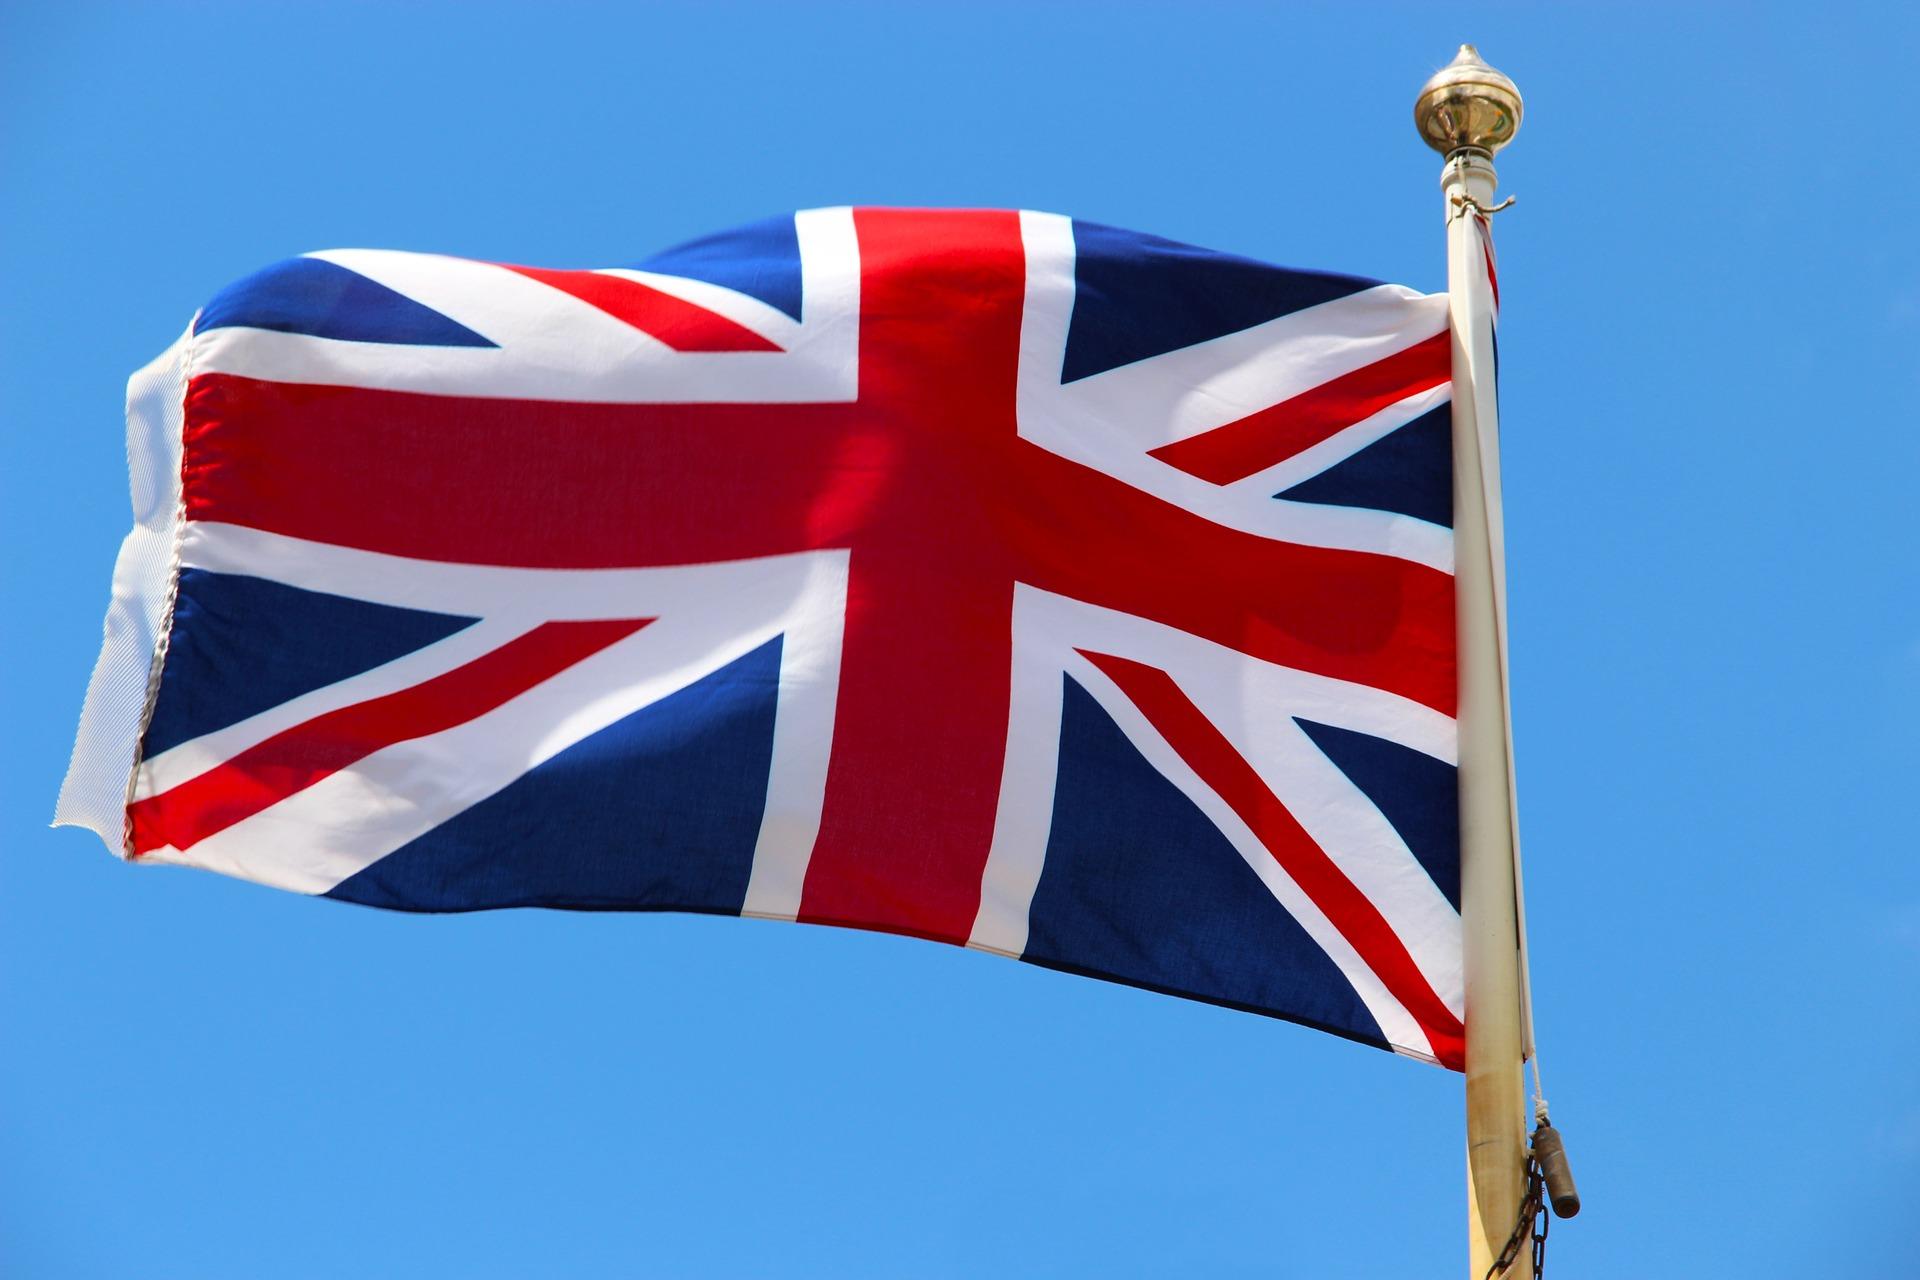 Autoridad de Conducta Financiera del Reino Unido abre un registro temporal para que empresas de criptomonedas obtengan permisos para operar legalmente desde 2021